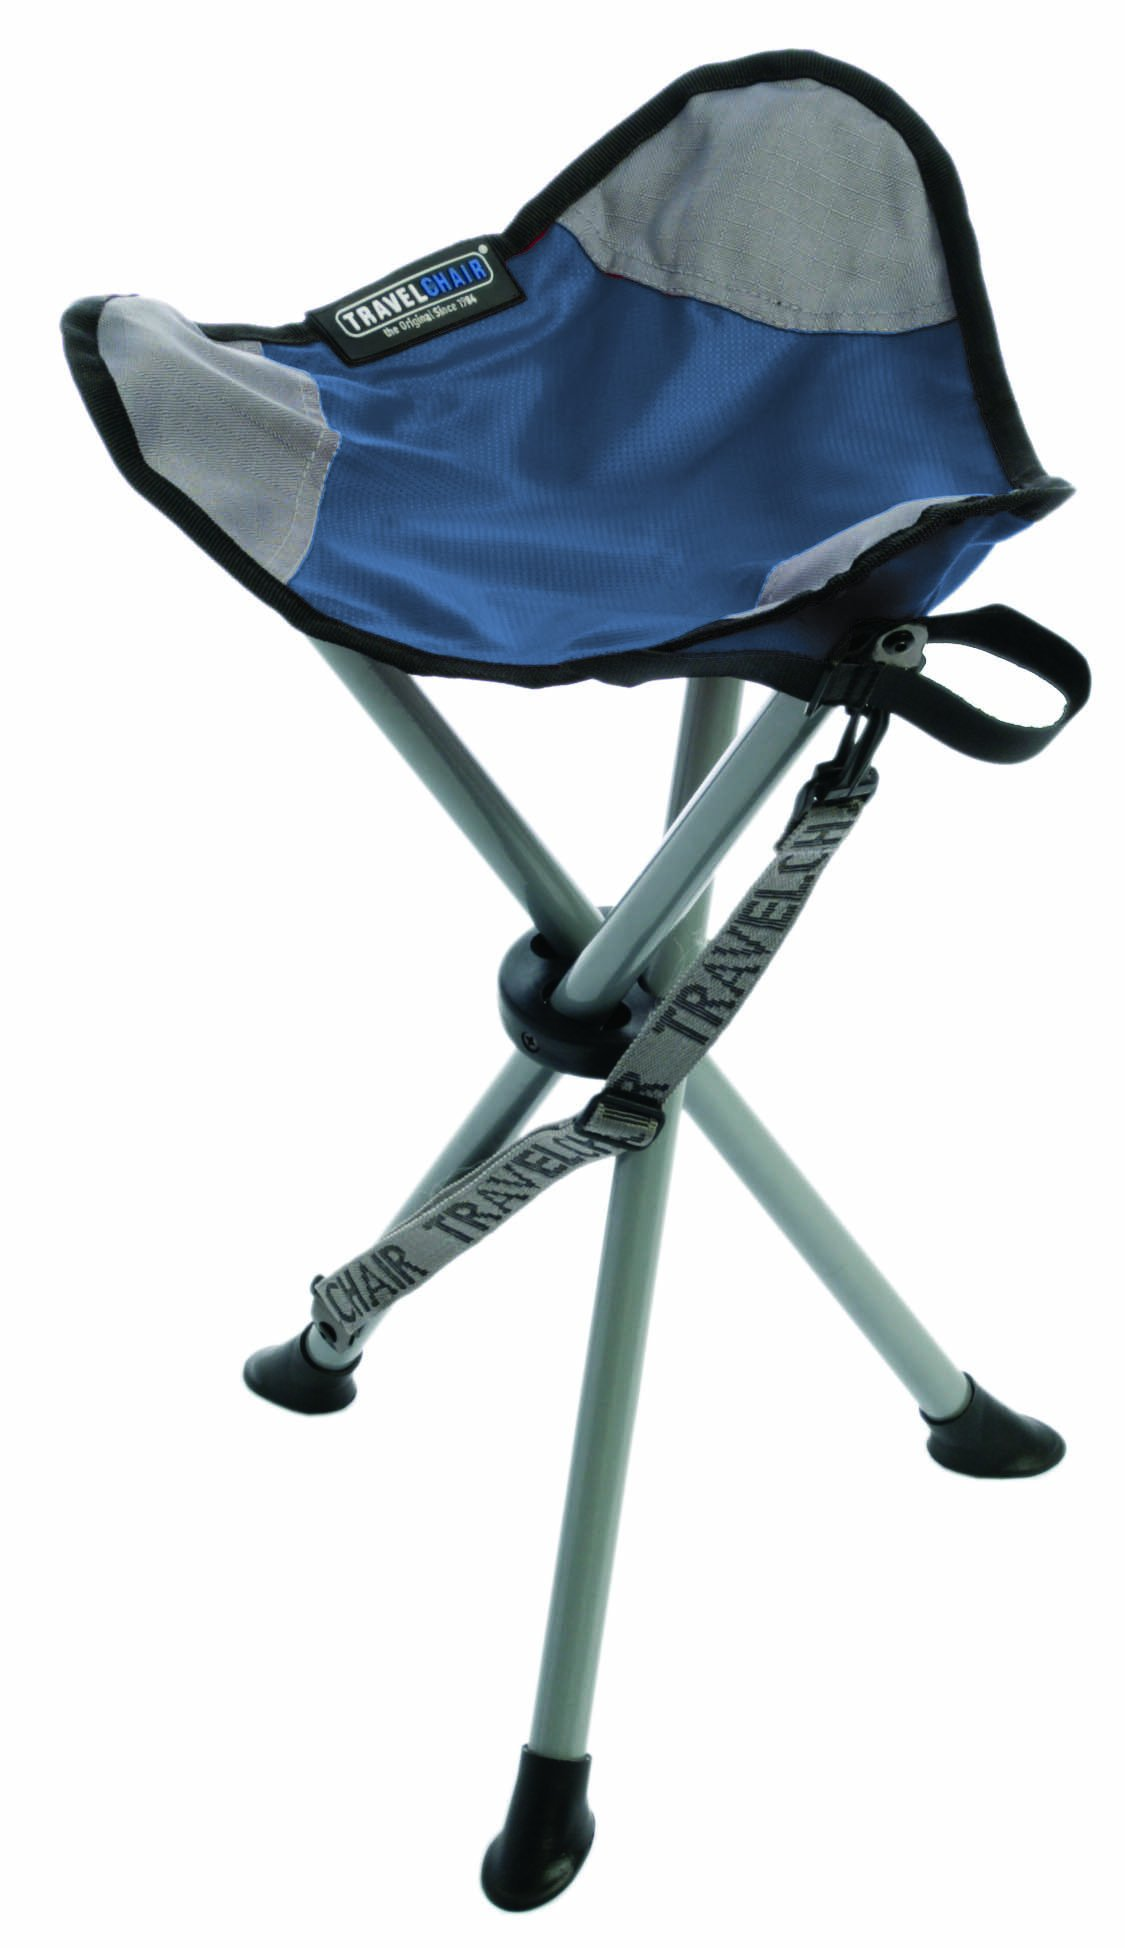 TravelChair 1389VB Slacker Chair, Blue